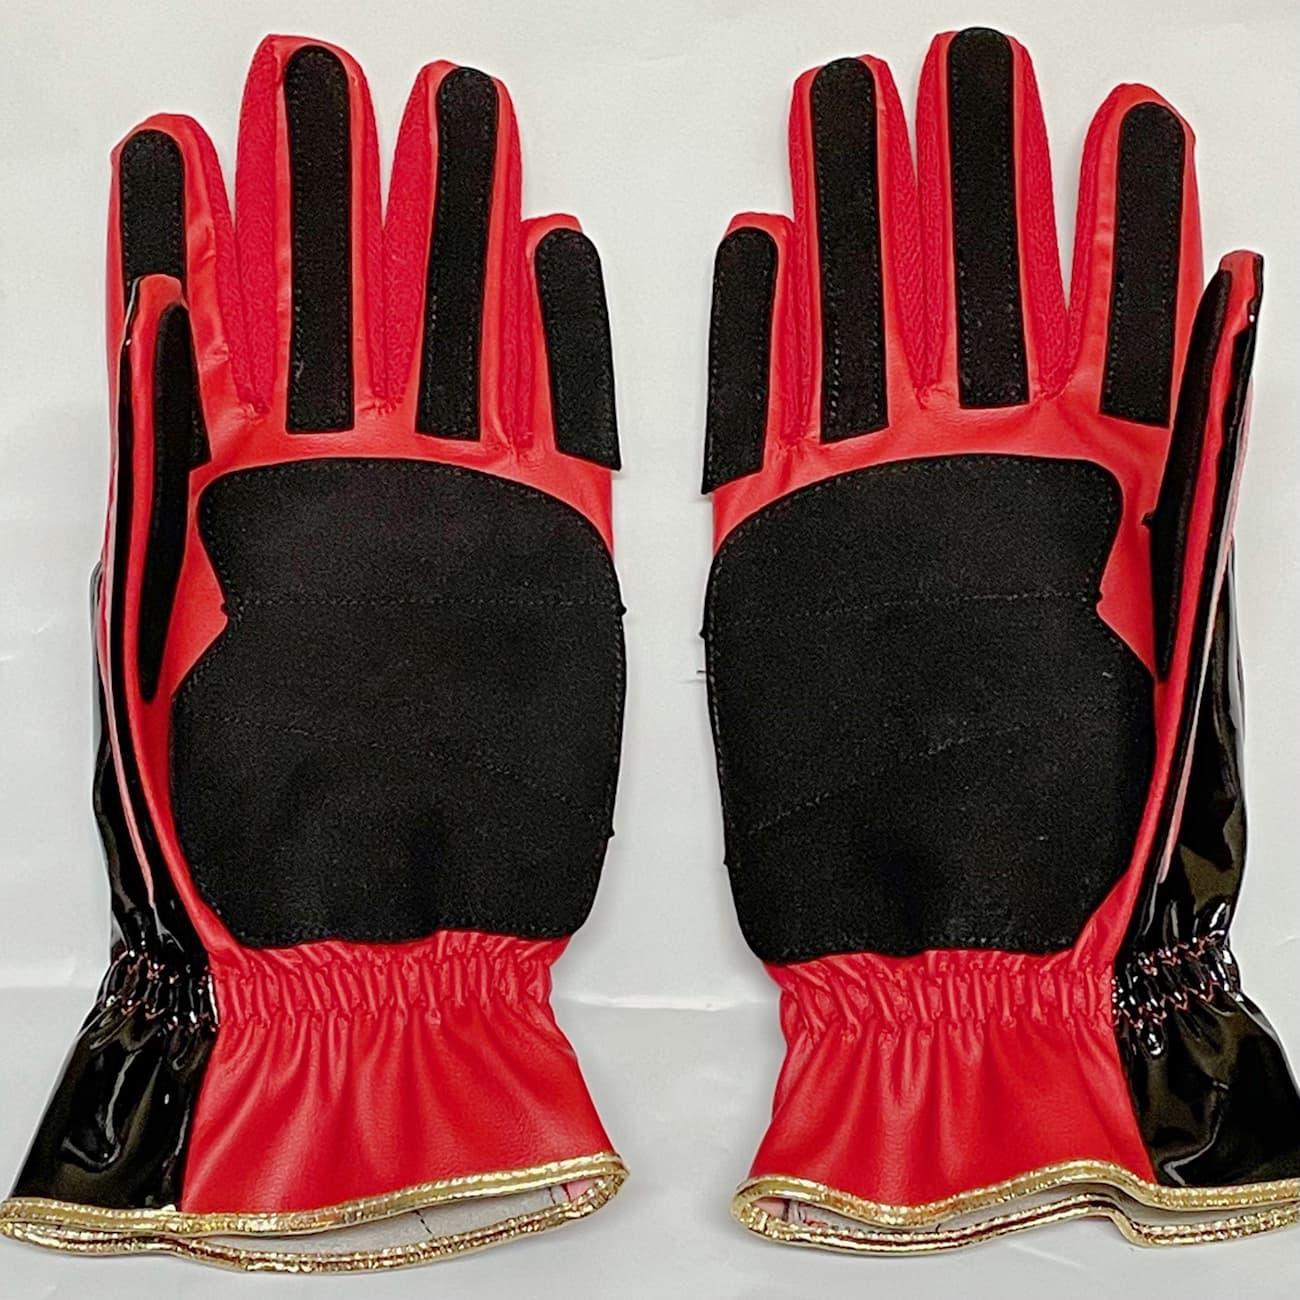 久保田スラッガー走塁用手袋 S140R 手の平部分 赤